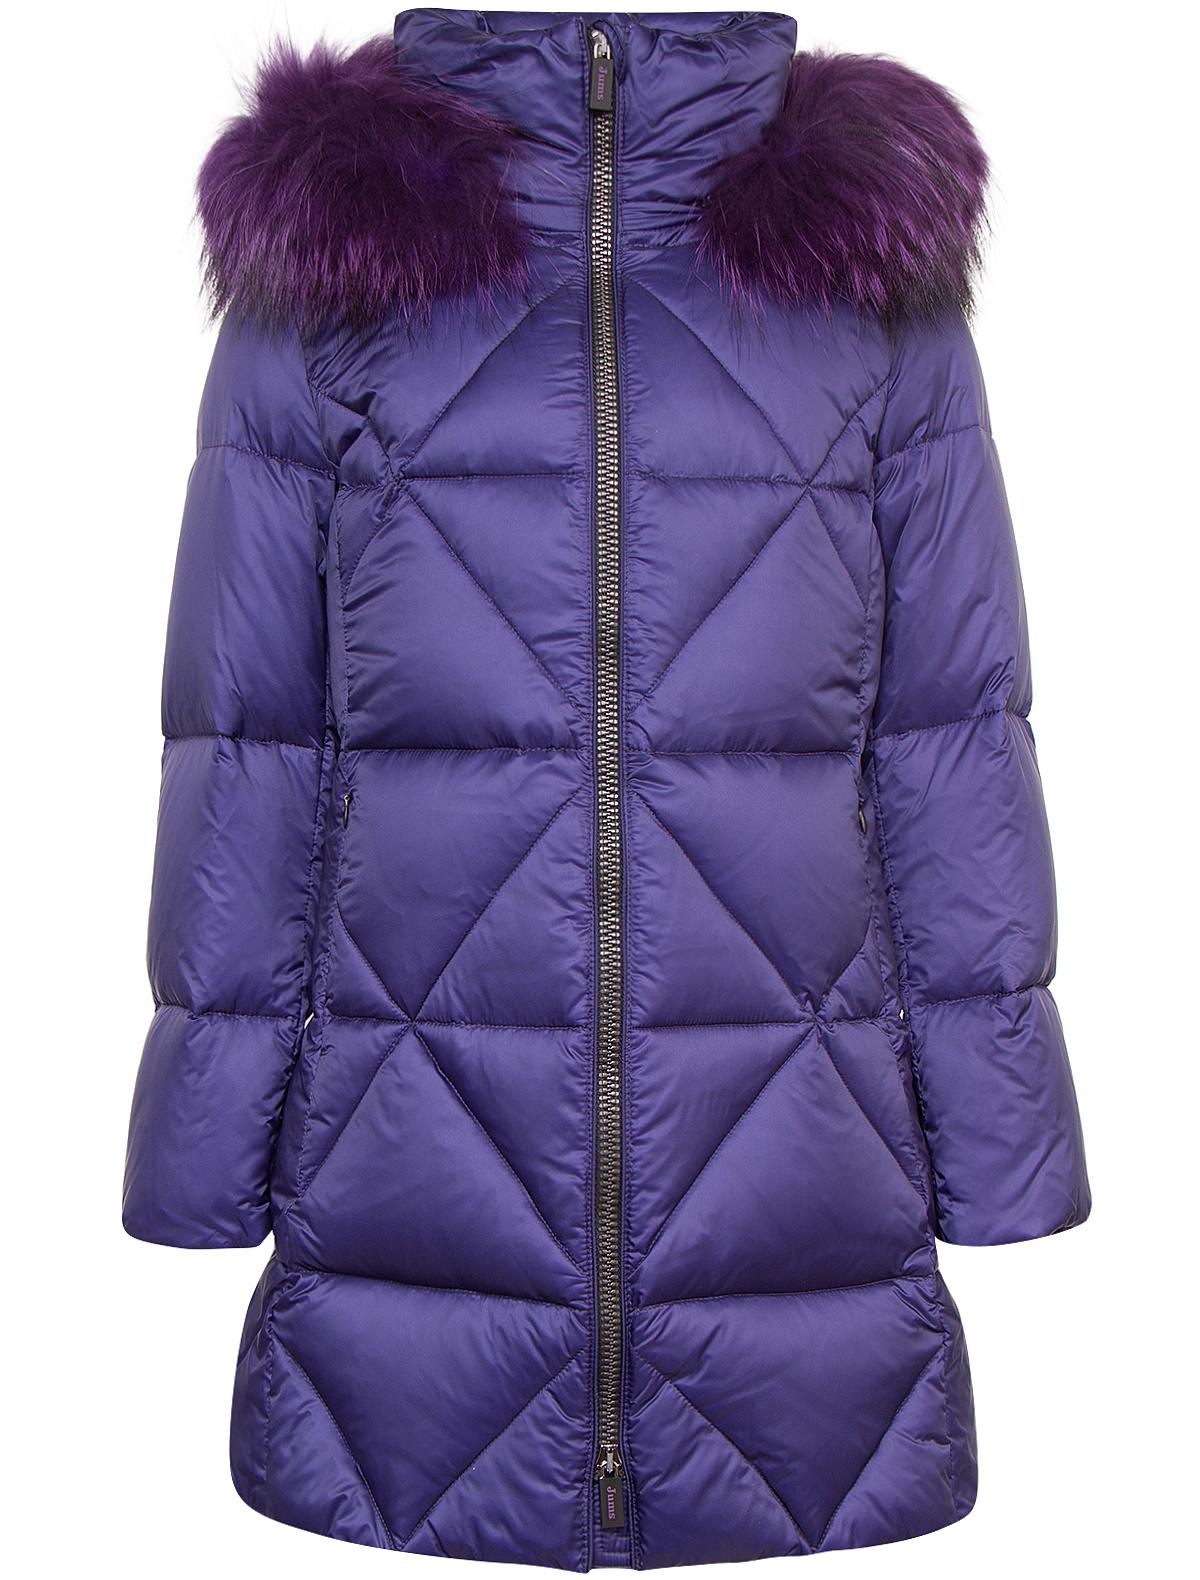 Купить 1880383, Пальто Jums Kids, фиолетовый, Женский, 1123309780318